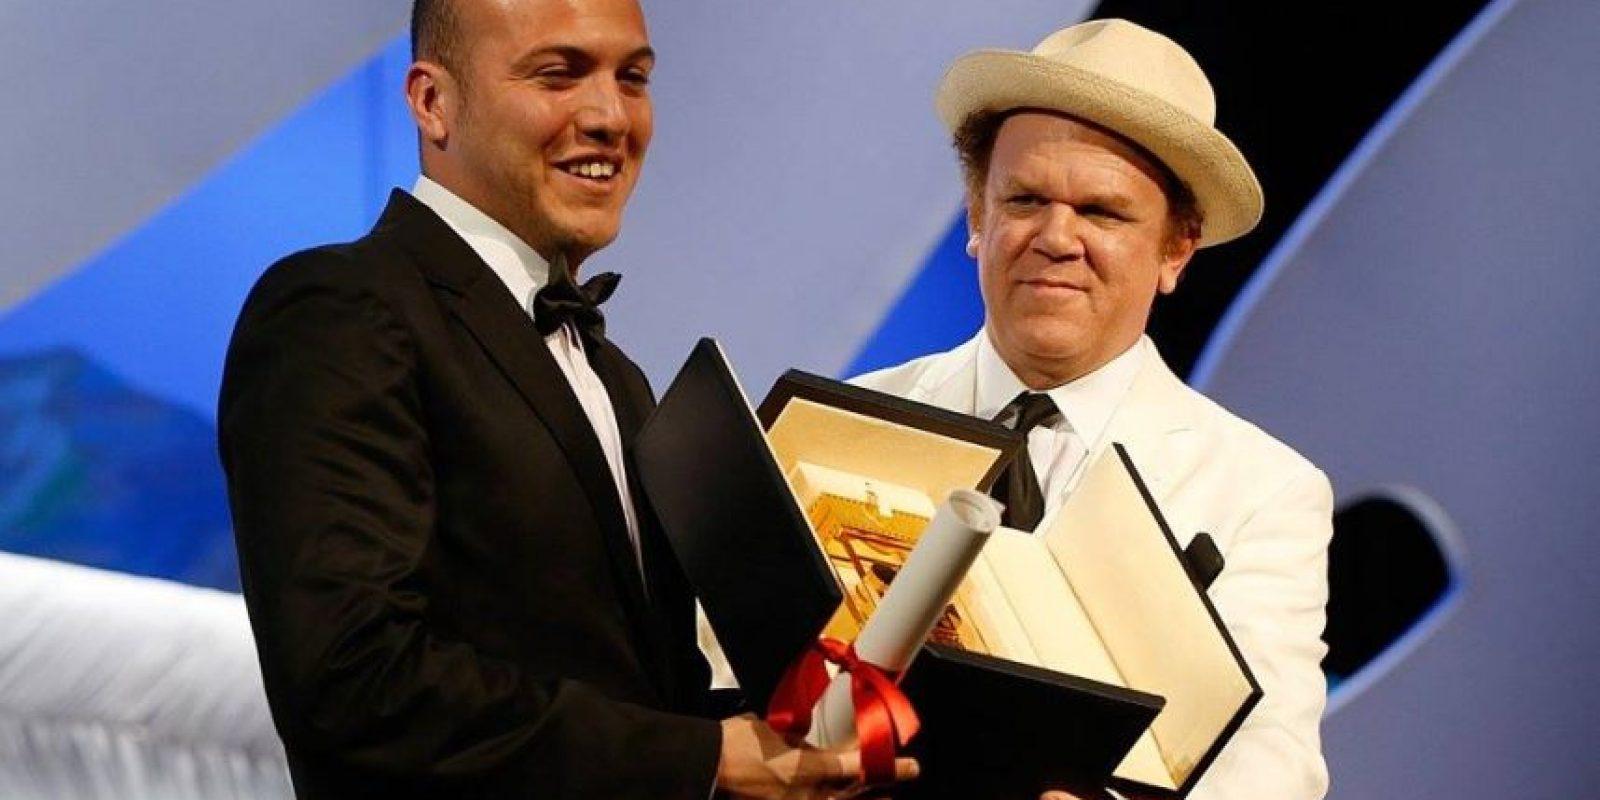 """El colombiano César Augusto ganó la Cámara de Oro por la """"Mejor Ópera Prima"""" con """"La tierra y la sombra"""". Foto:vía facebook.com/Festival-de-Cannes-Page-Officielle"""